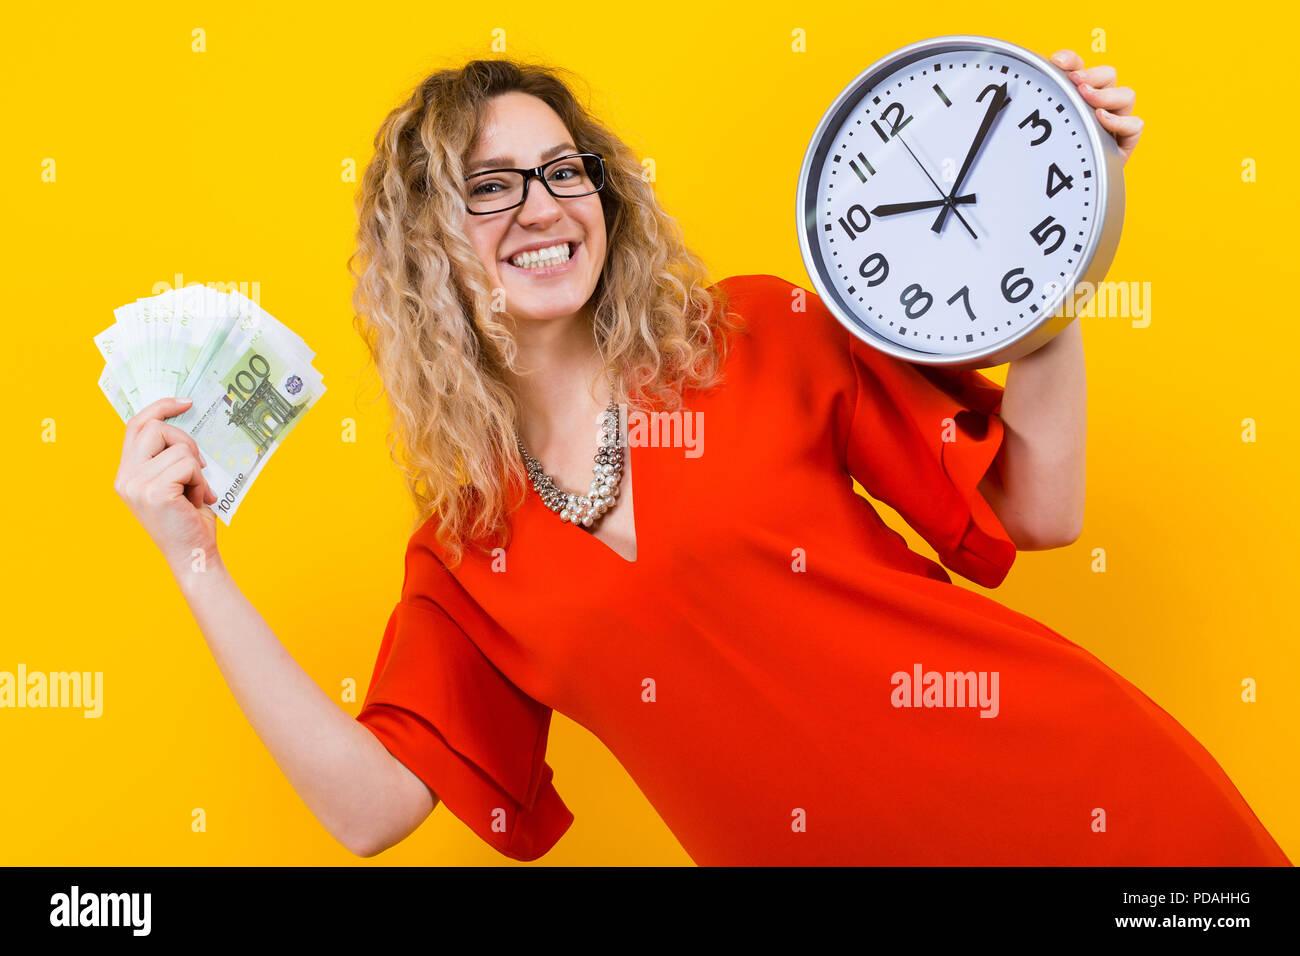 Frau im Kleid mit Uhren und Fan von Banknoten Stockfoto